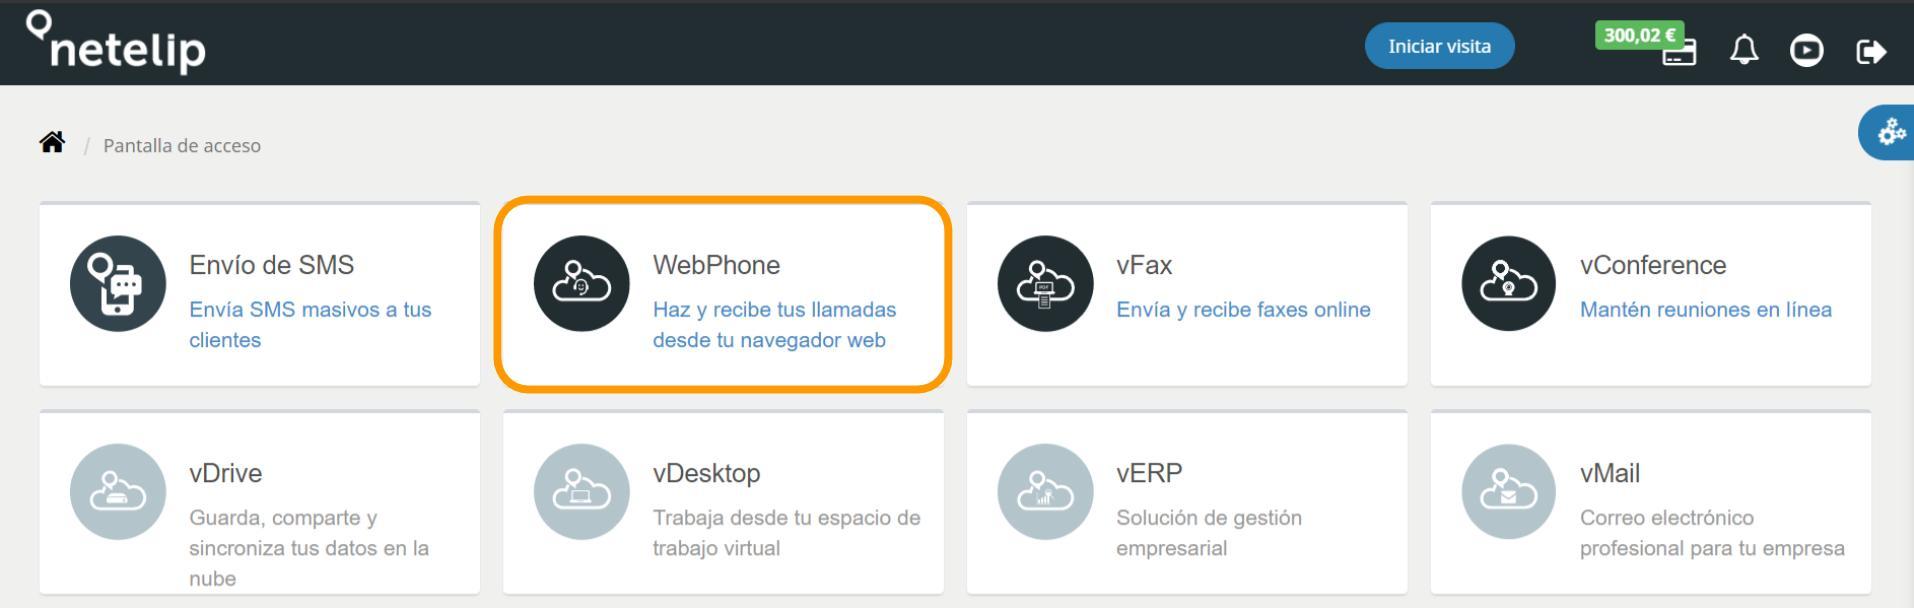 Servicio WebPhone netelip